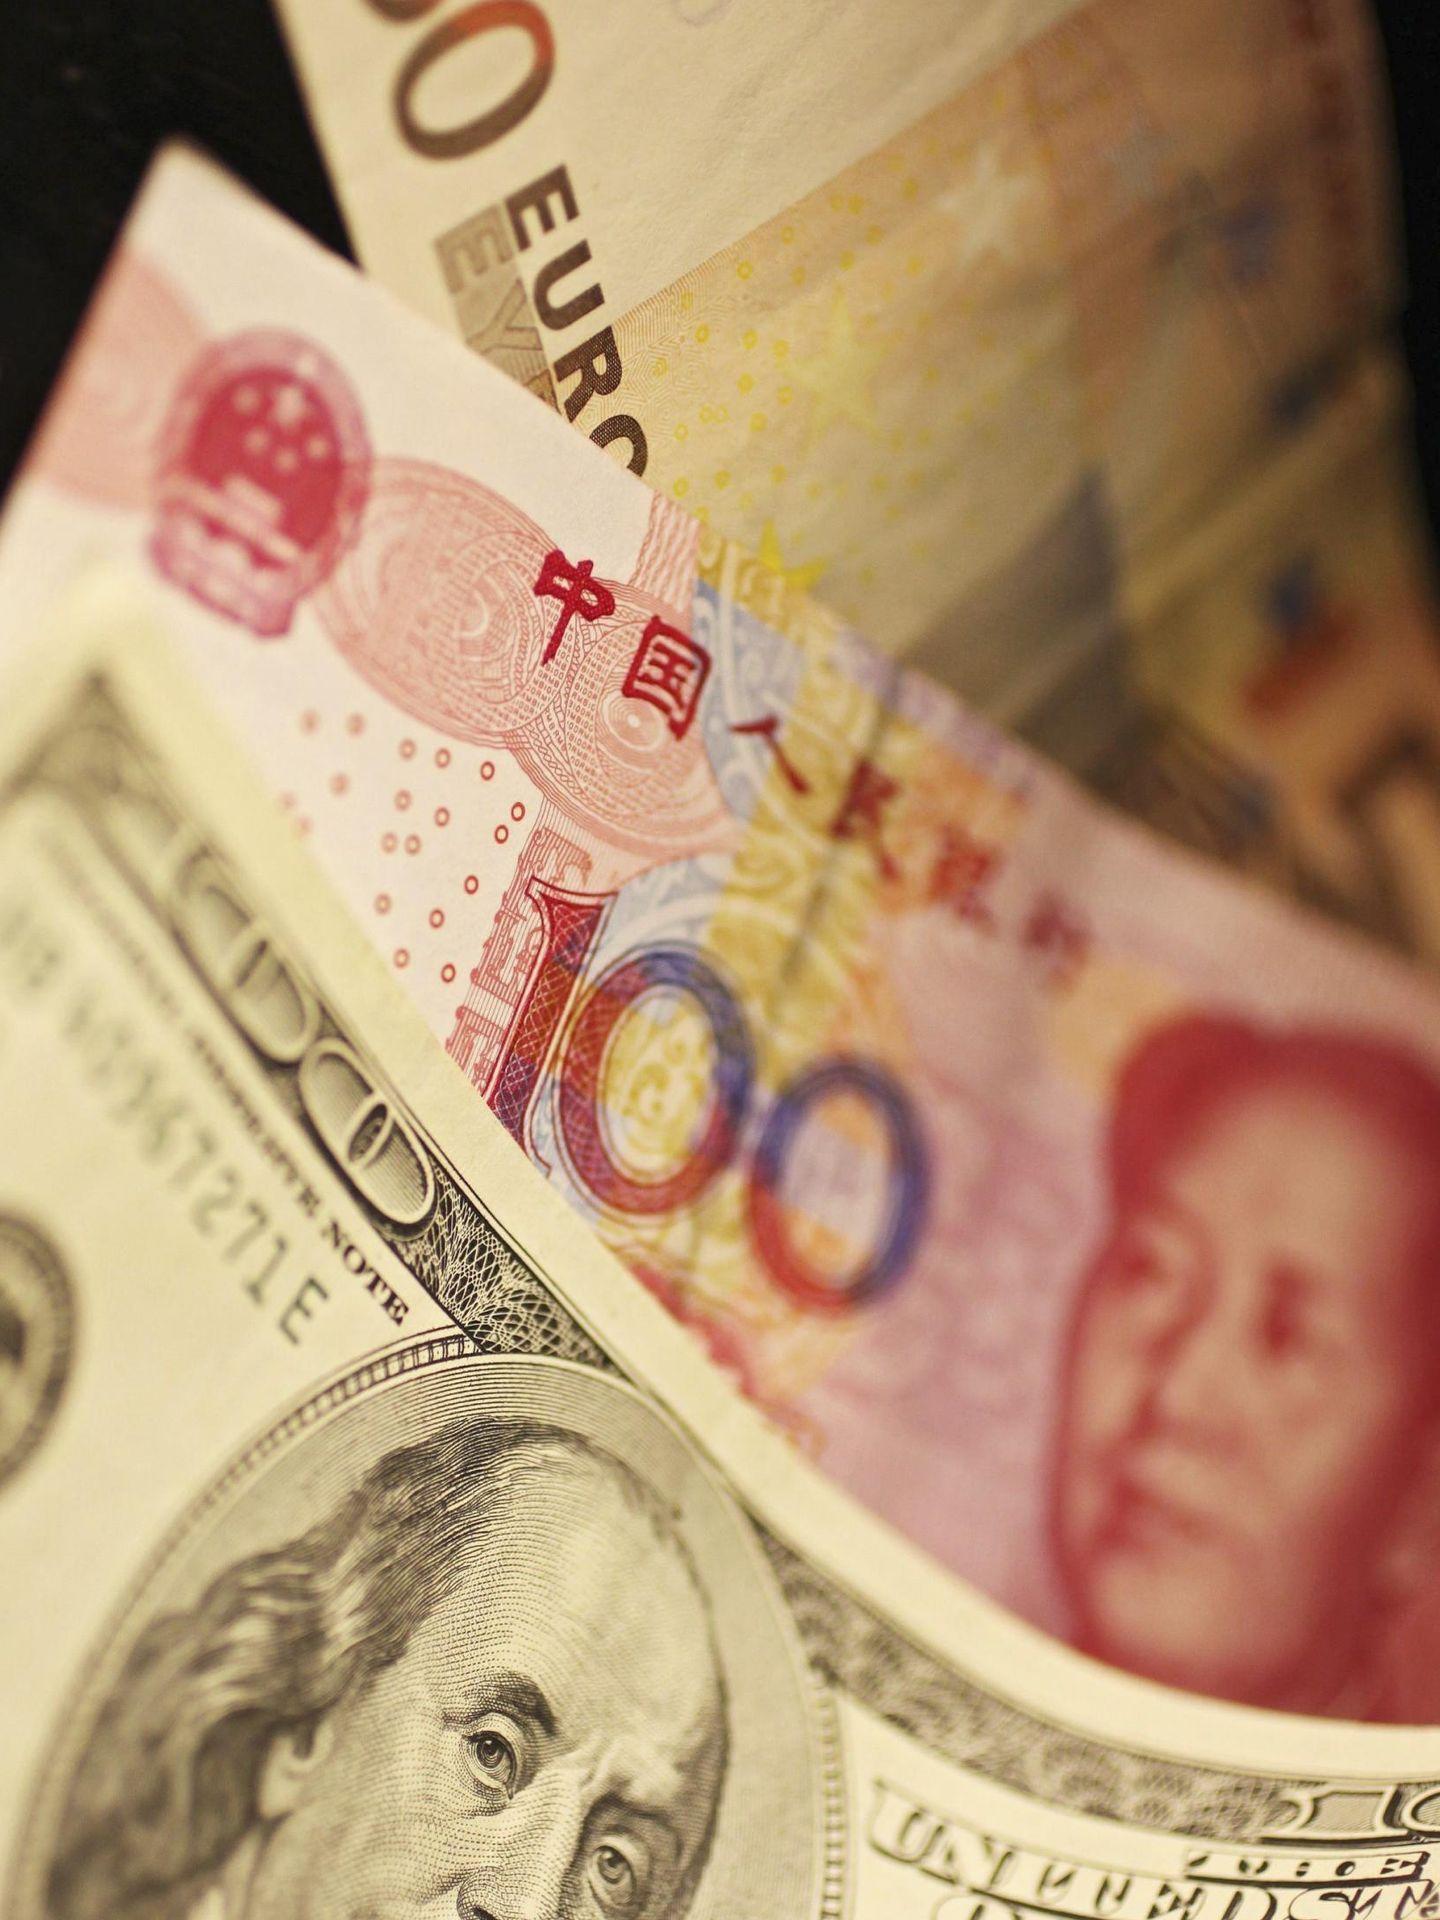 El peor país para perder la cartera es, sin duda, China